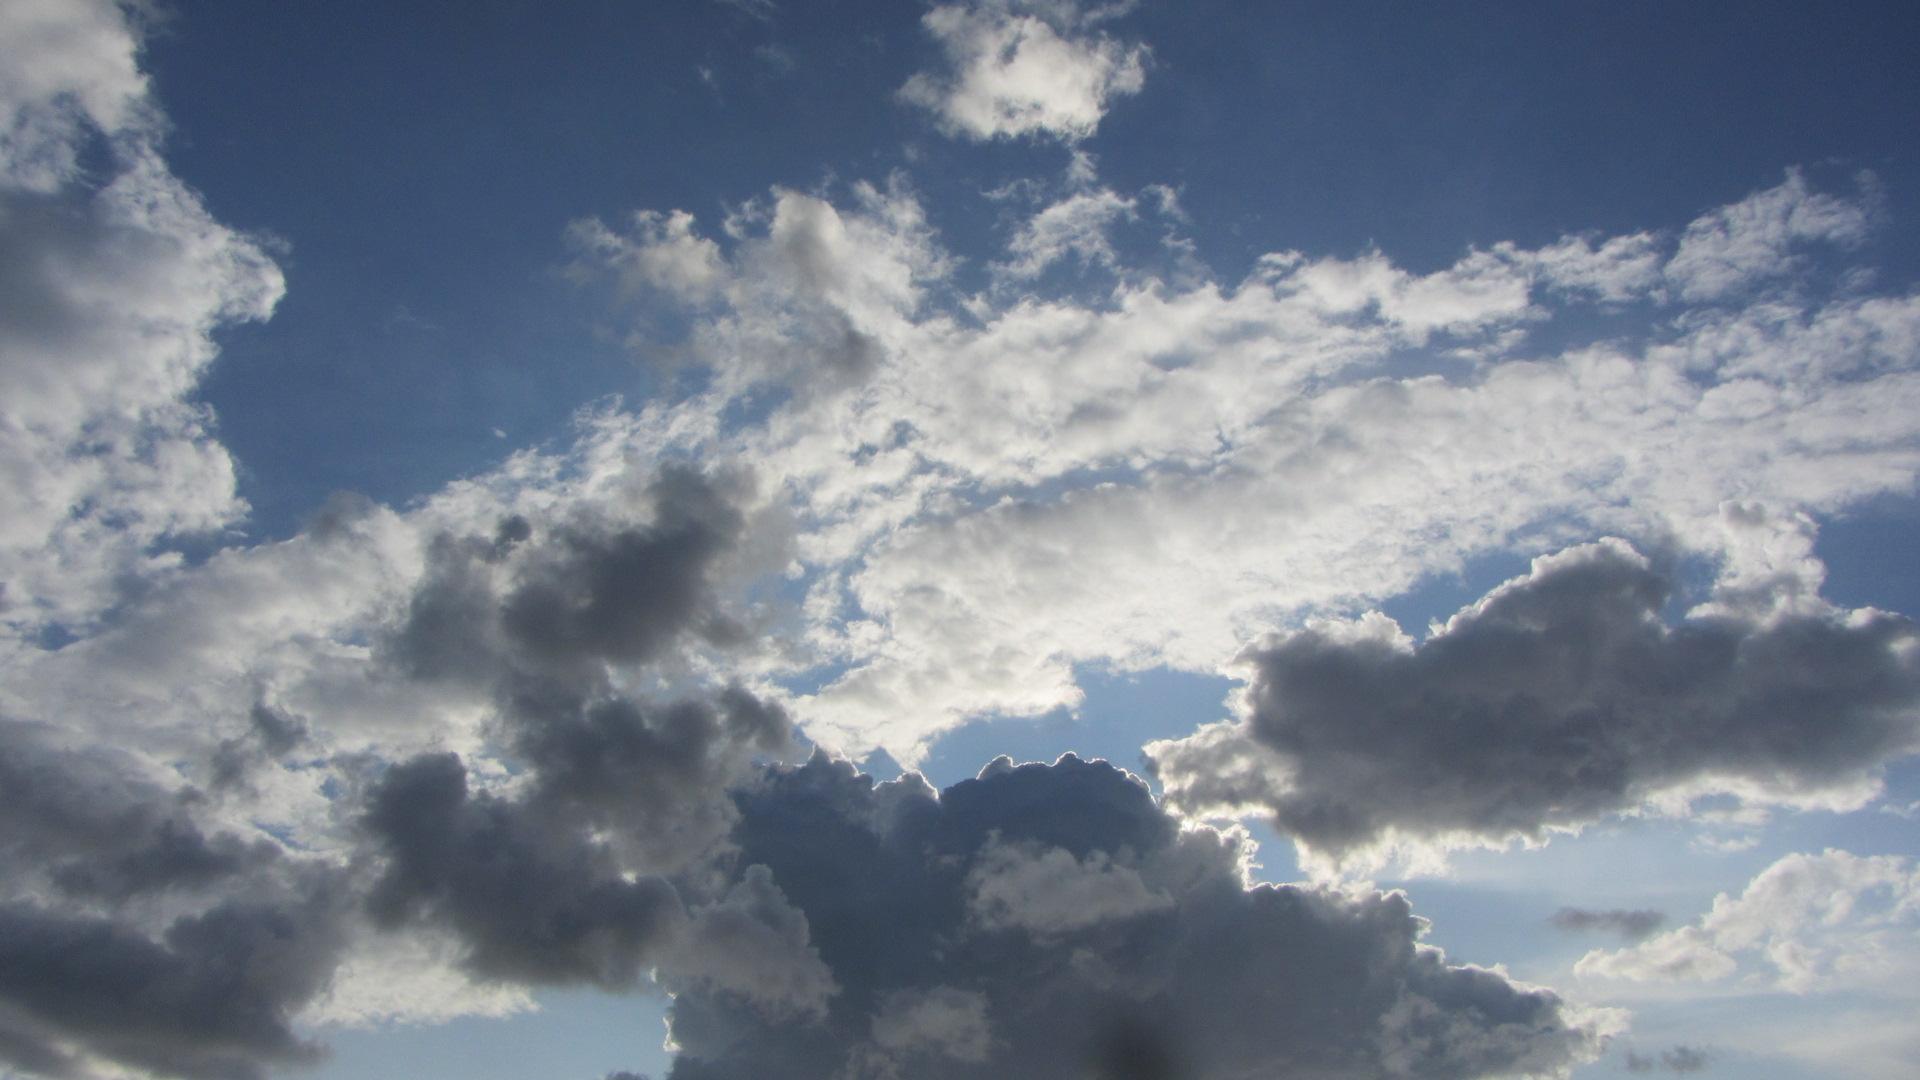 Wolkenmeer in Apulien